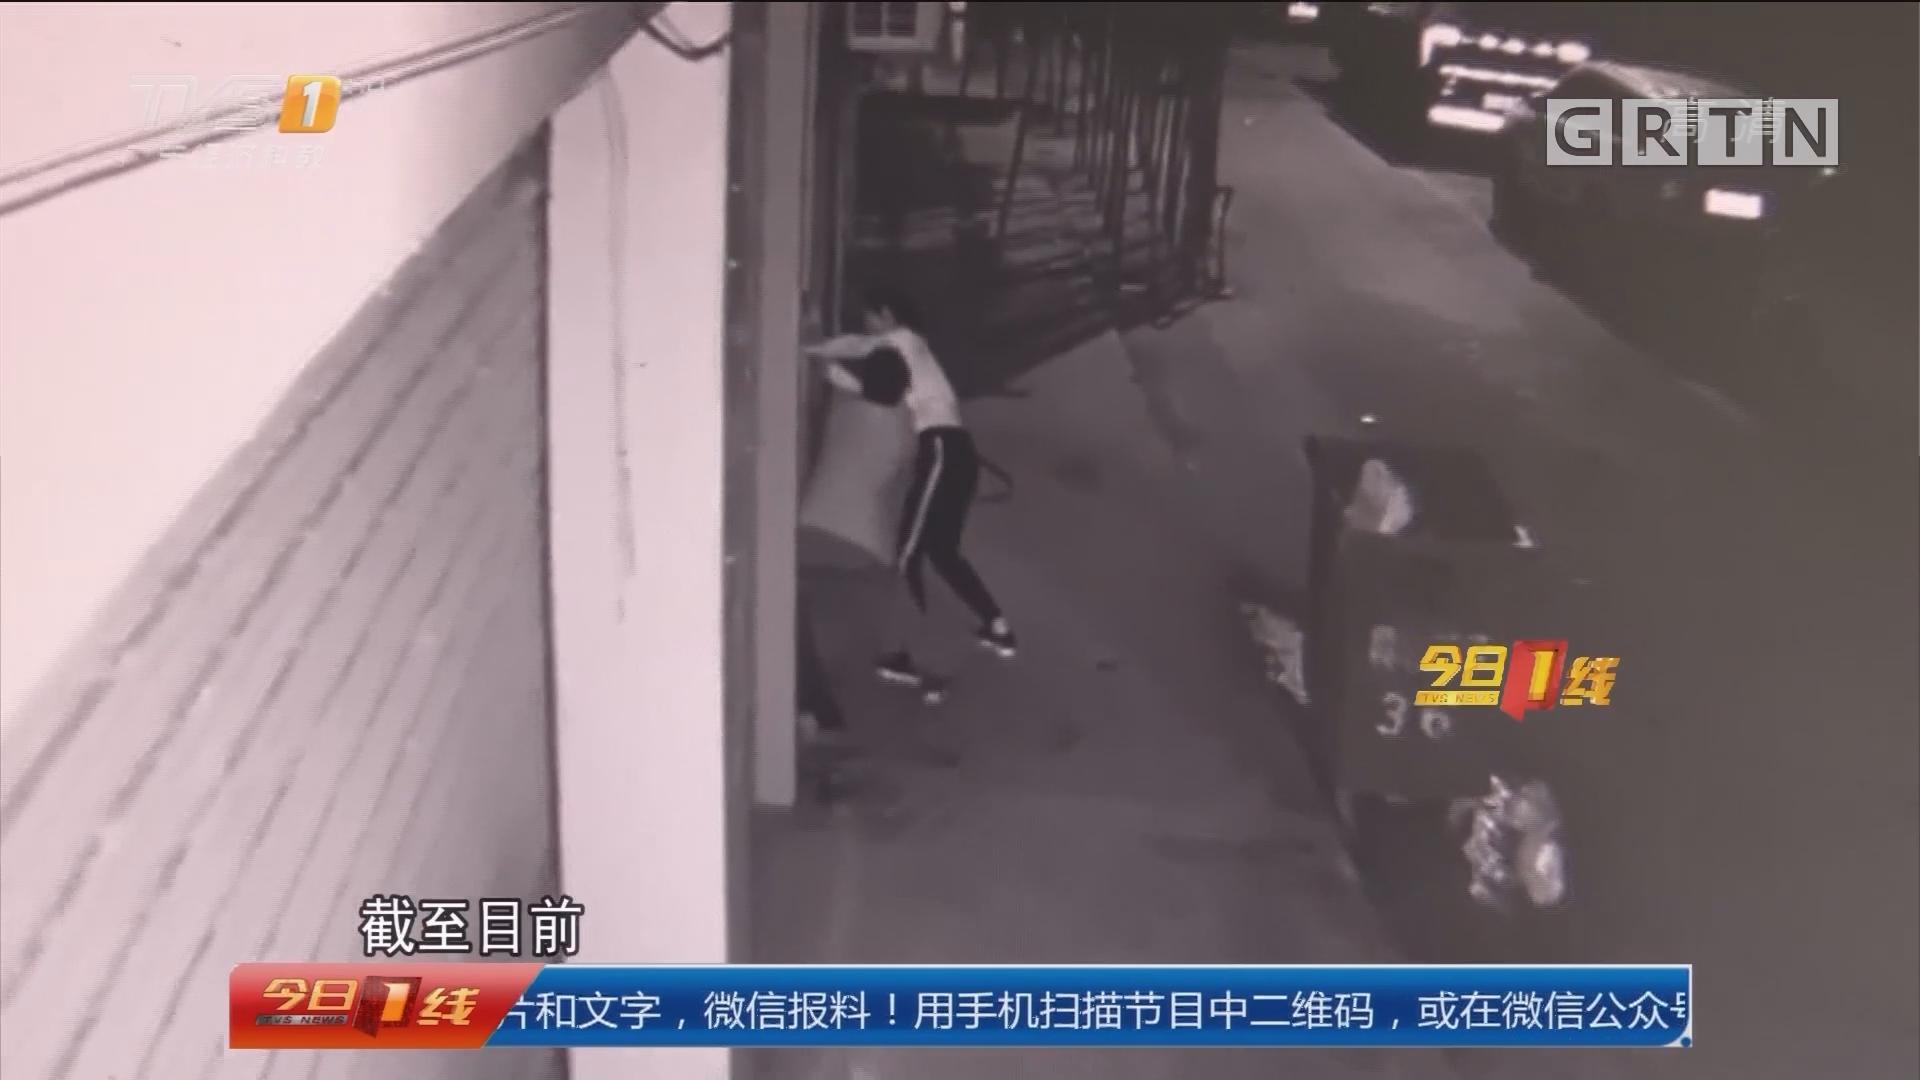 东莞警方通报:警方调查女子深夜遭拖拽侵犯事件